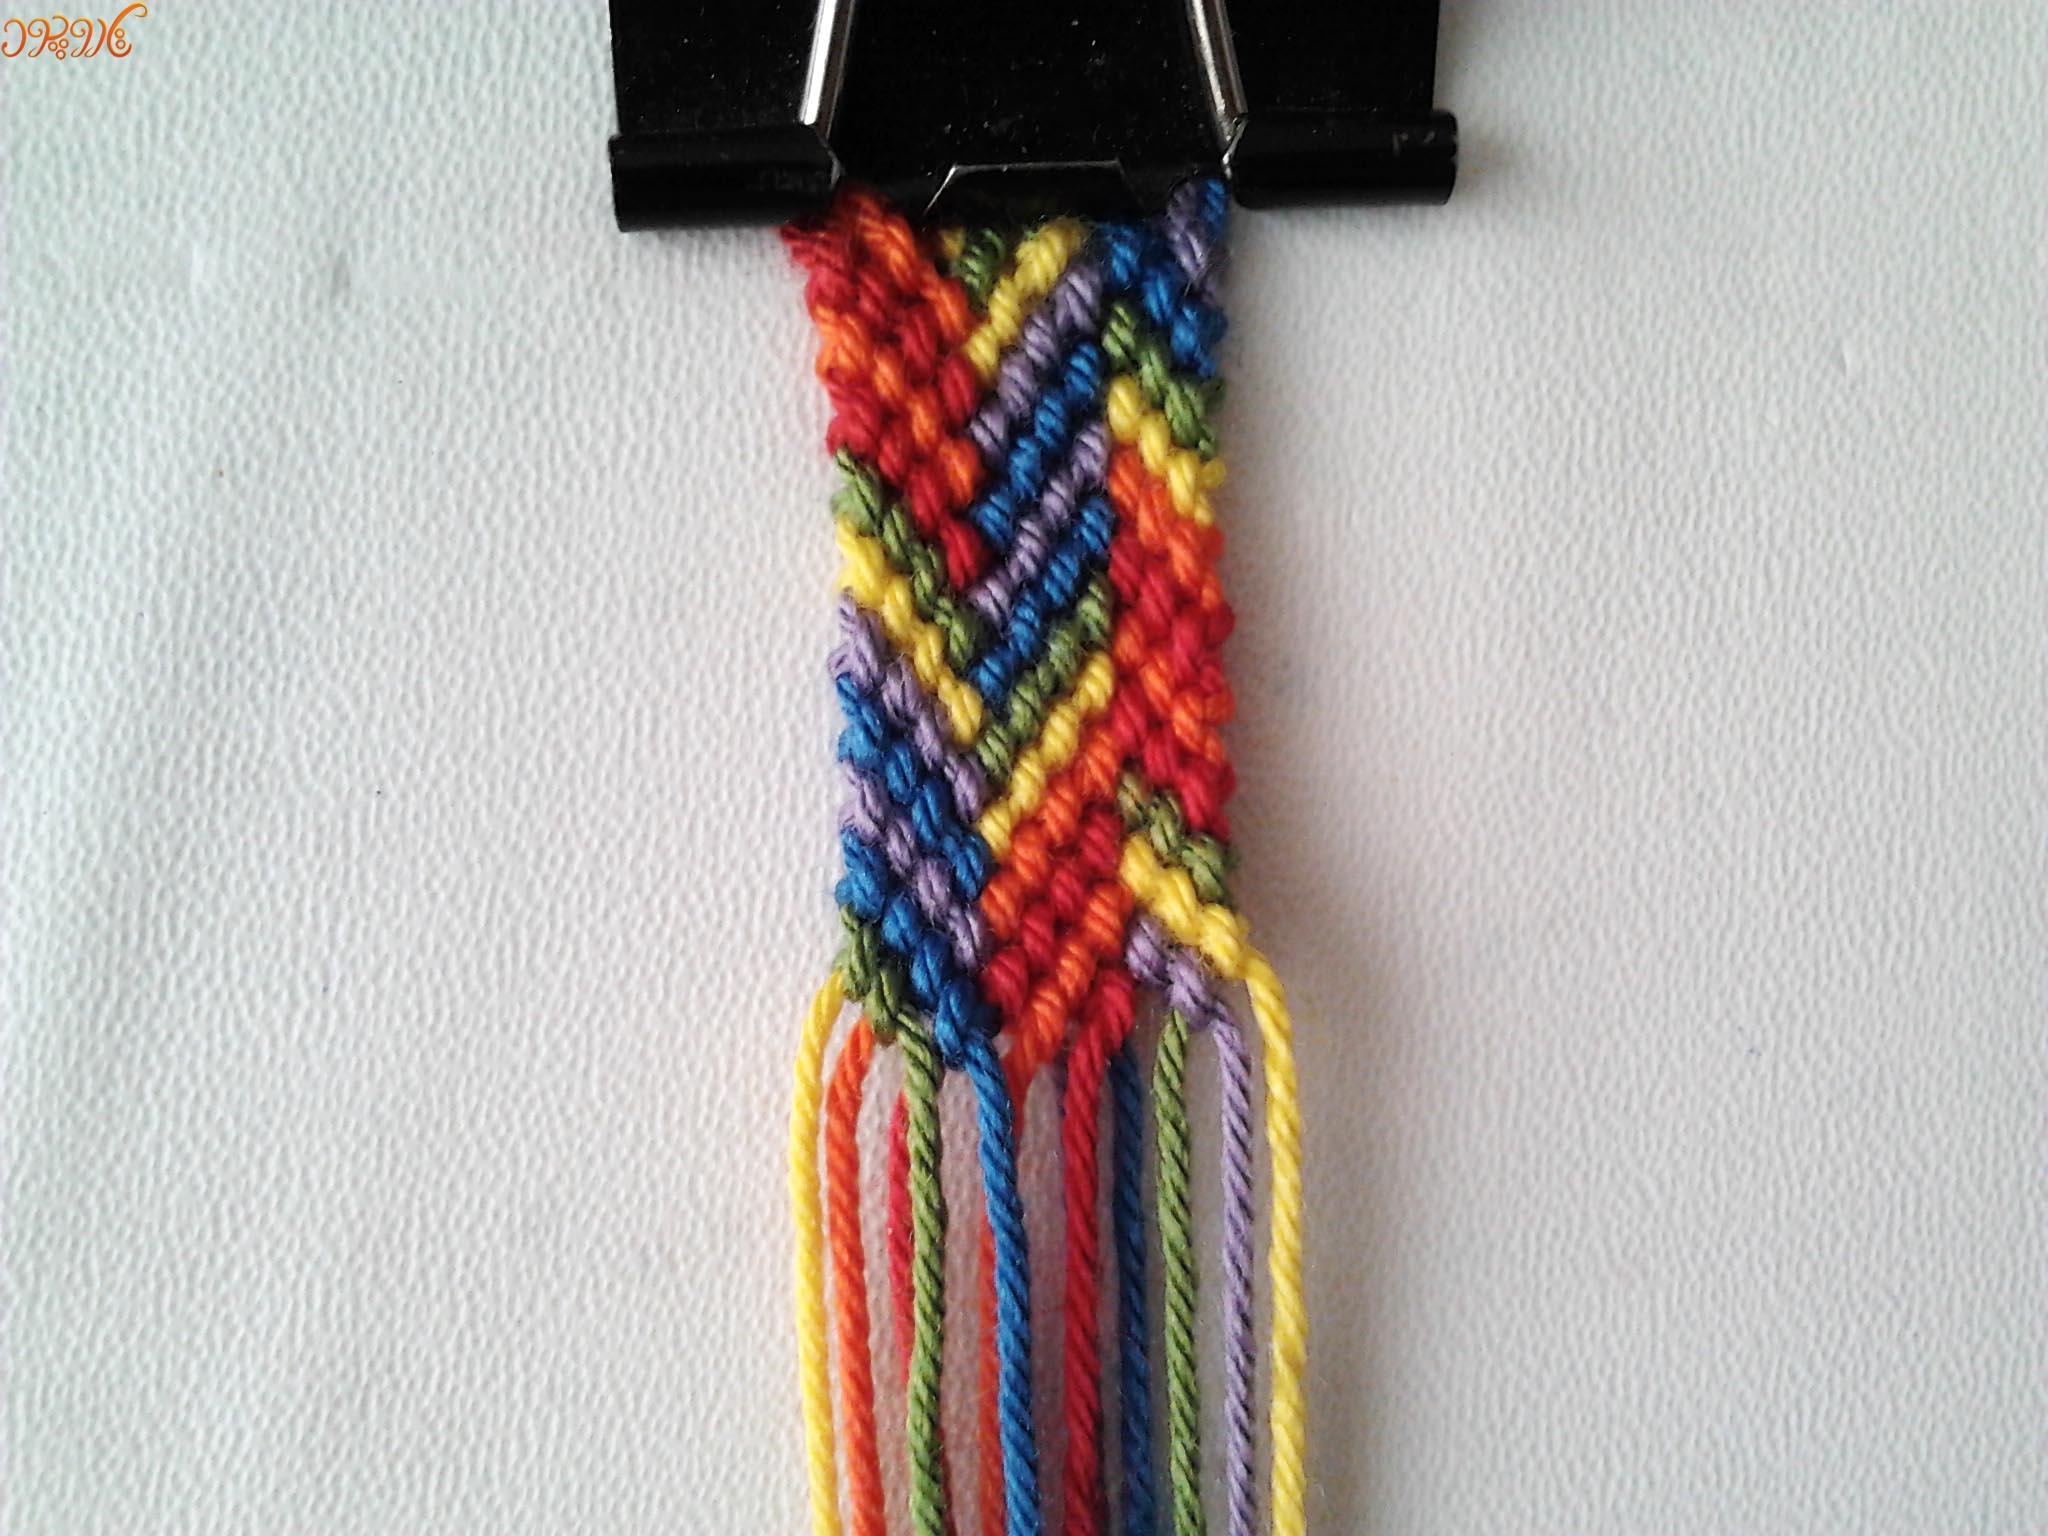 آموزش بافت دستبند دوستی زیبا و رنگی تاروپود